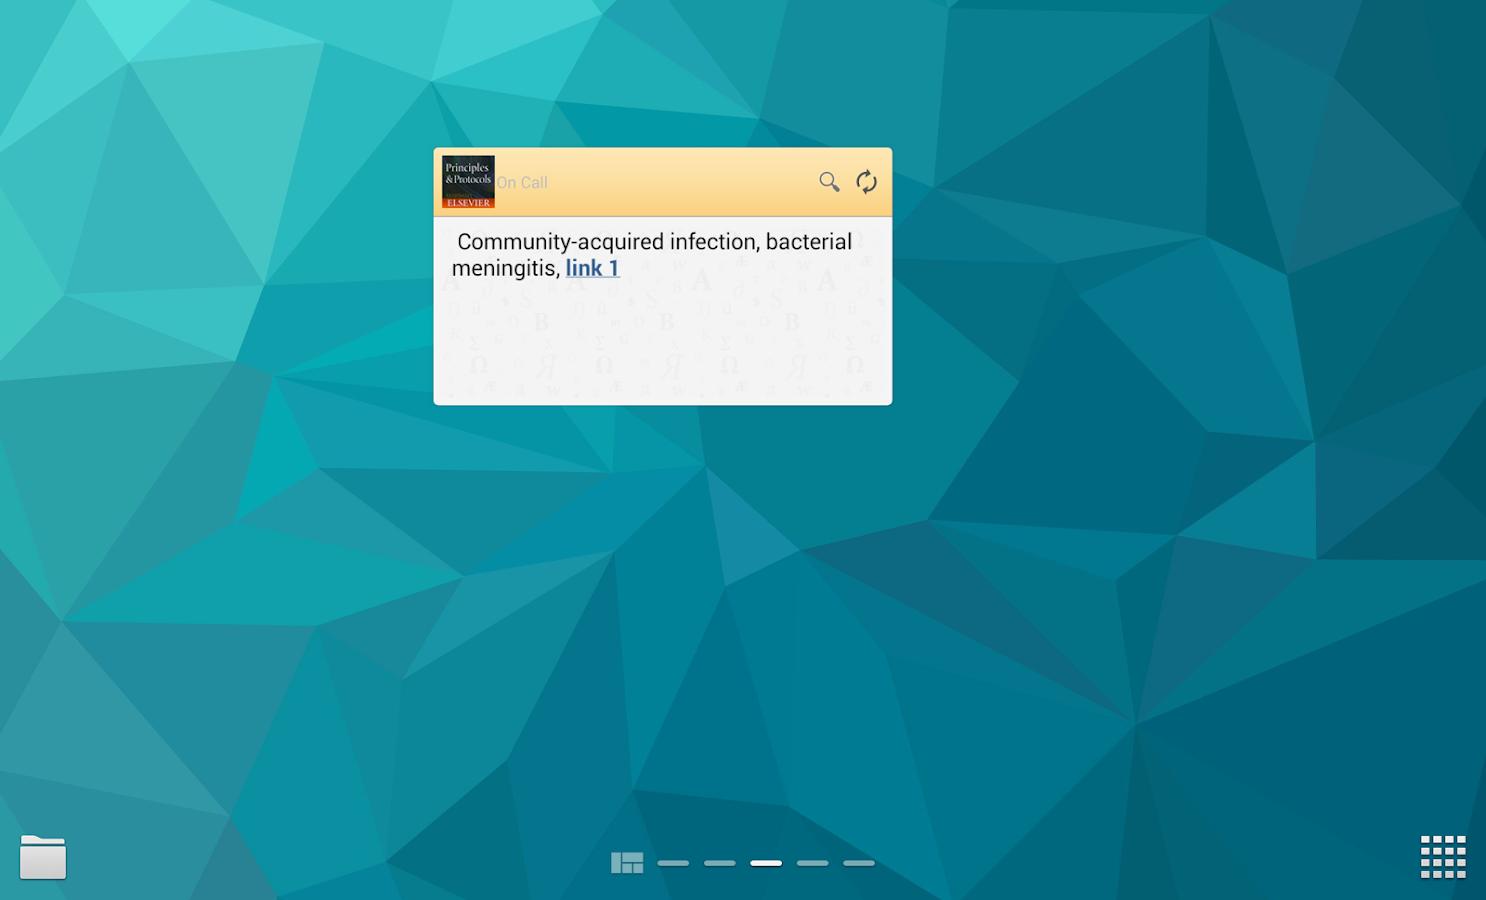 On Call Principles & Protocols - screenshot